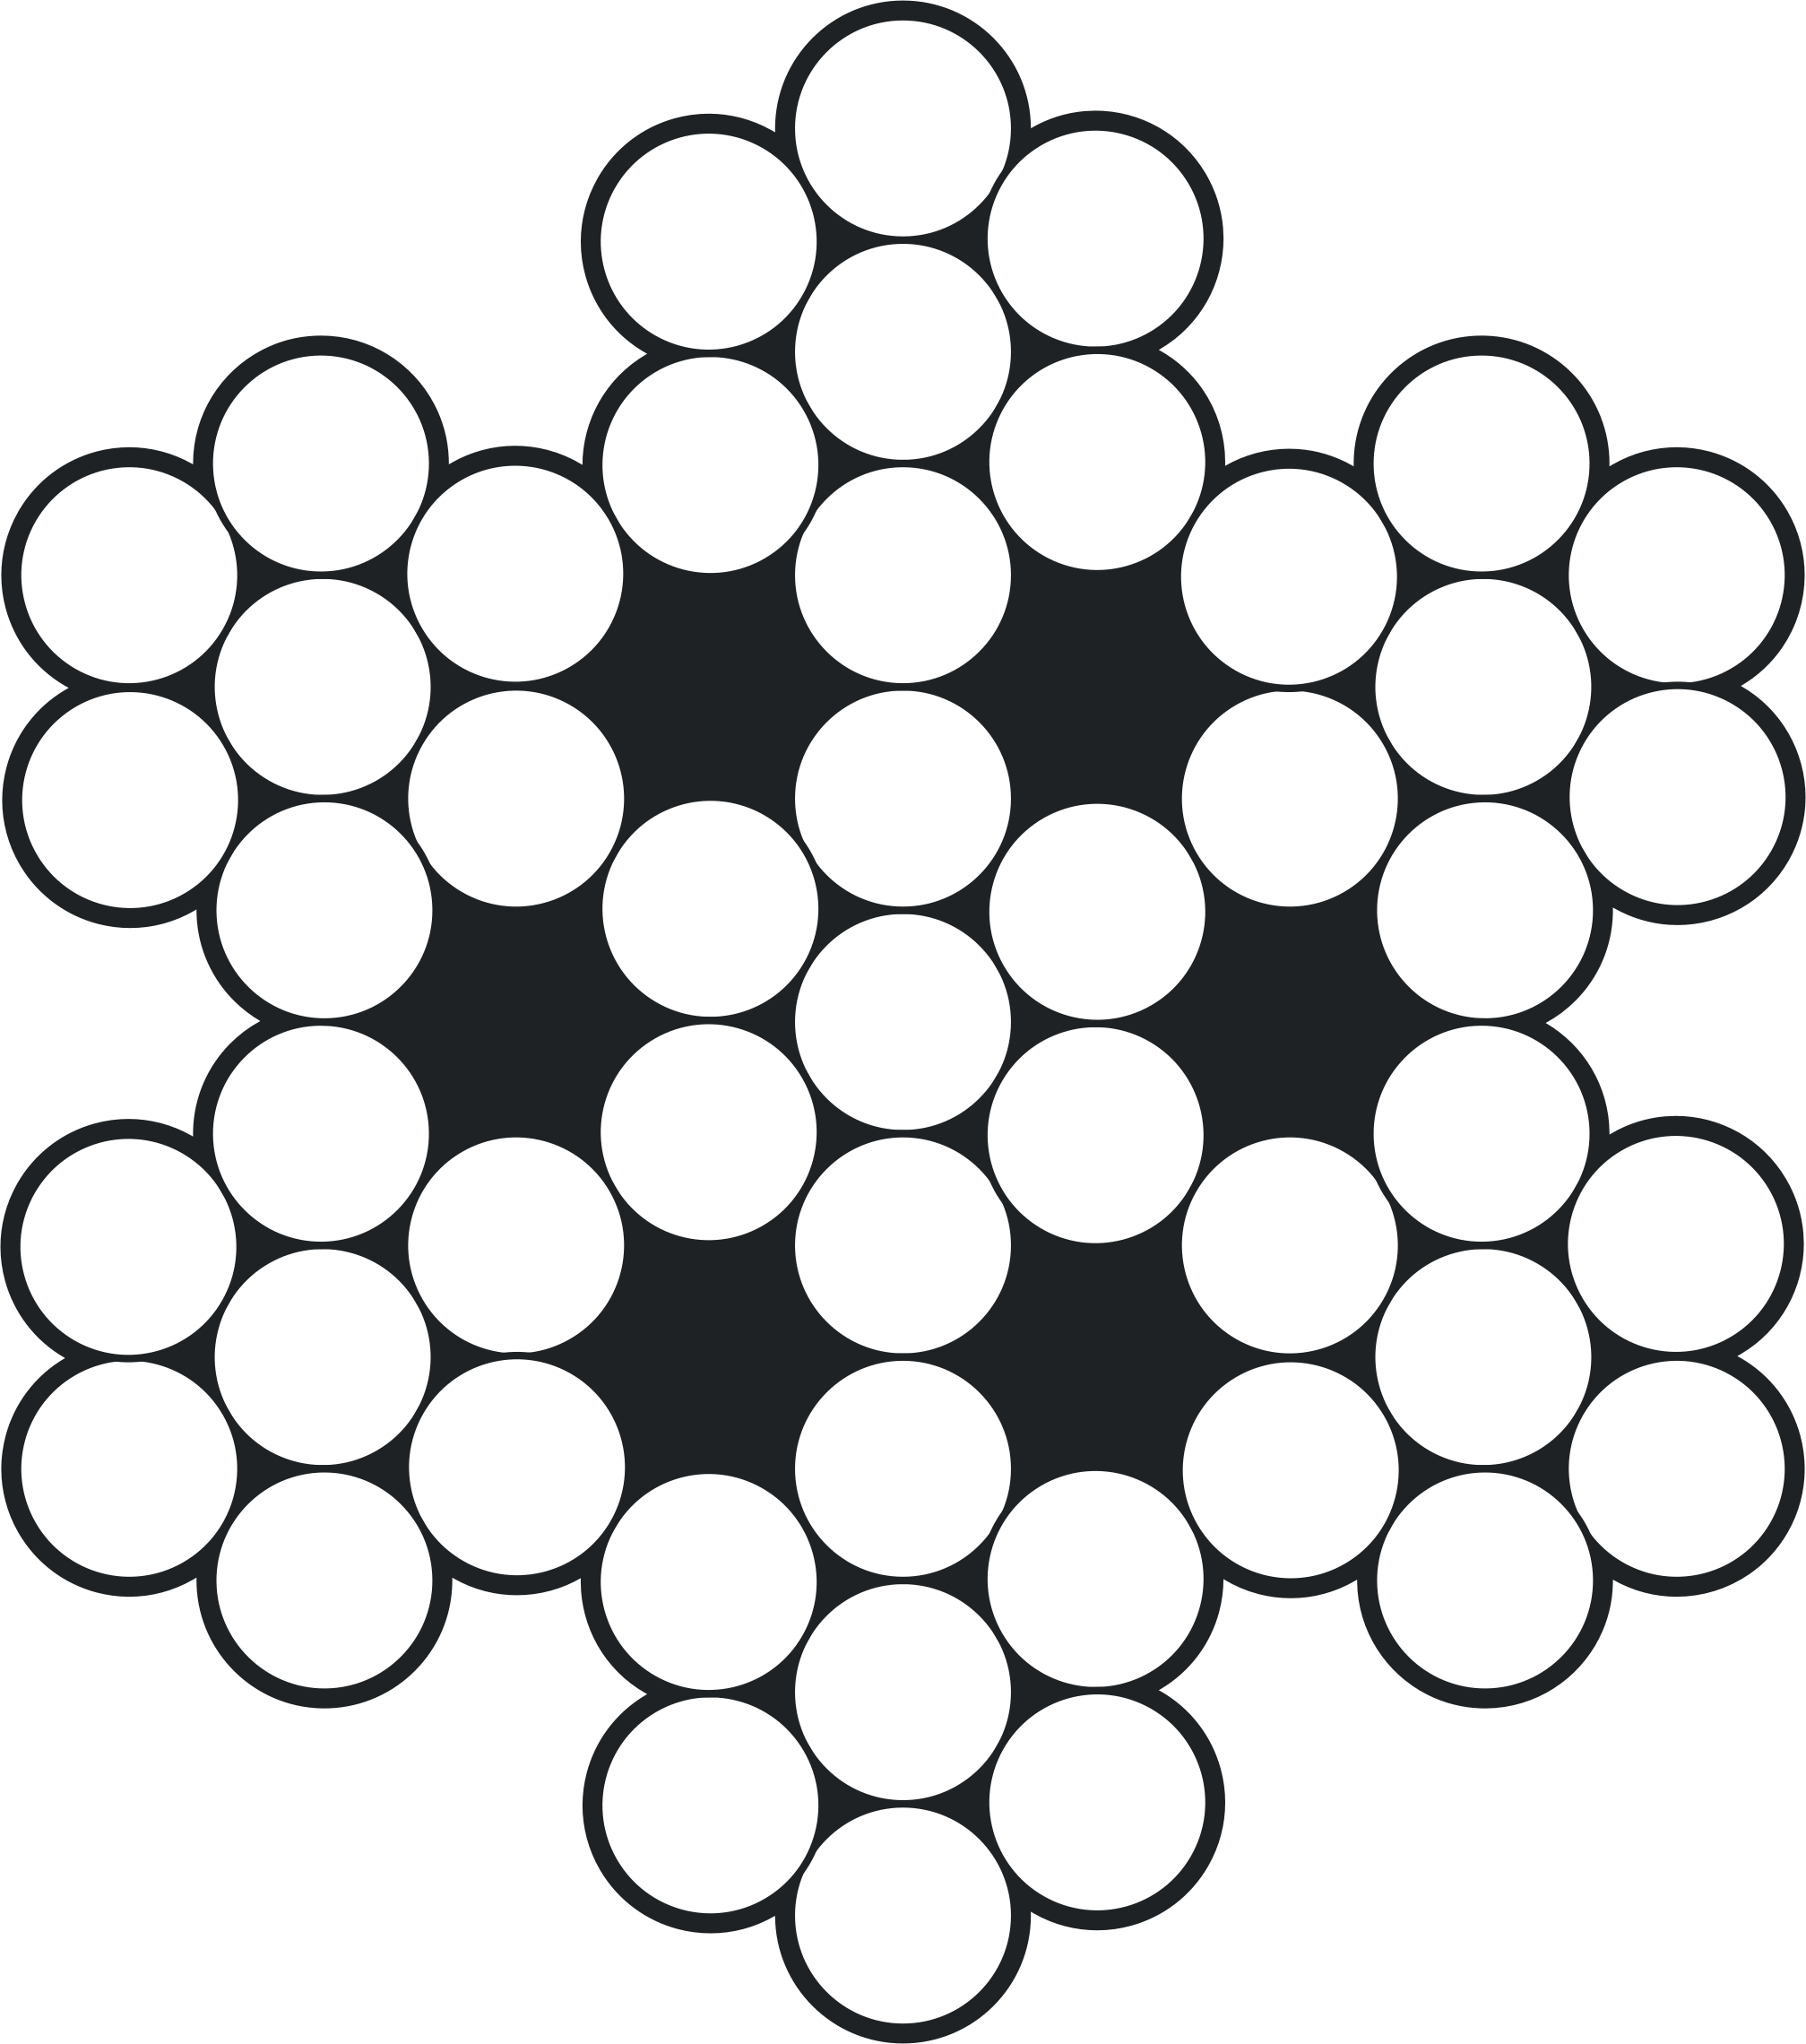 7x7 diagram.png